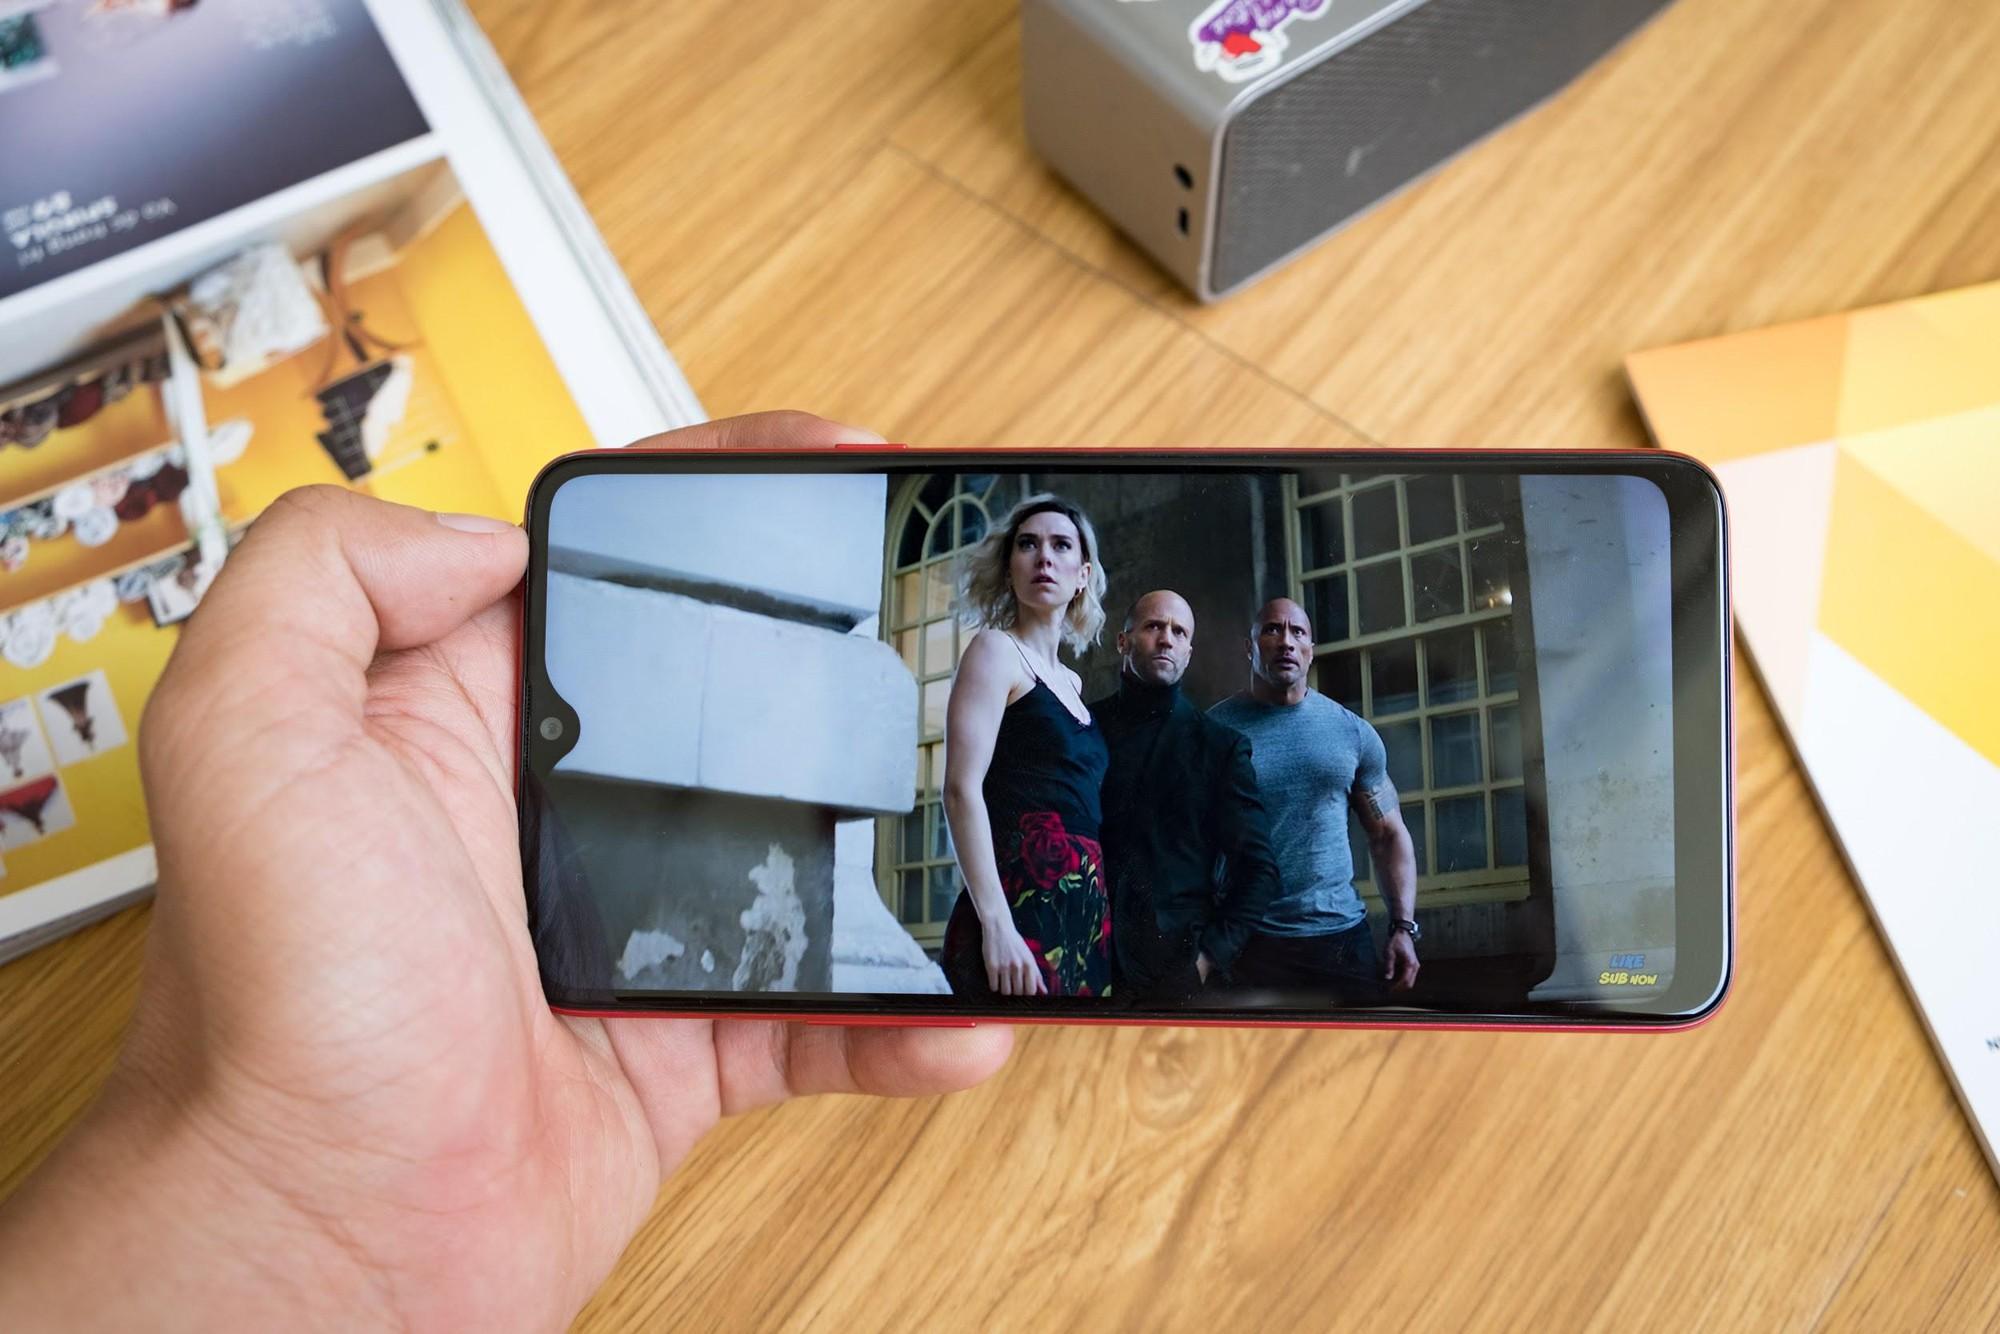 Nâng tầm cuộc sống thật dễ dàng chỉ bằng cách đổi smartphone mới - Ảnh 3.